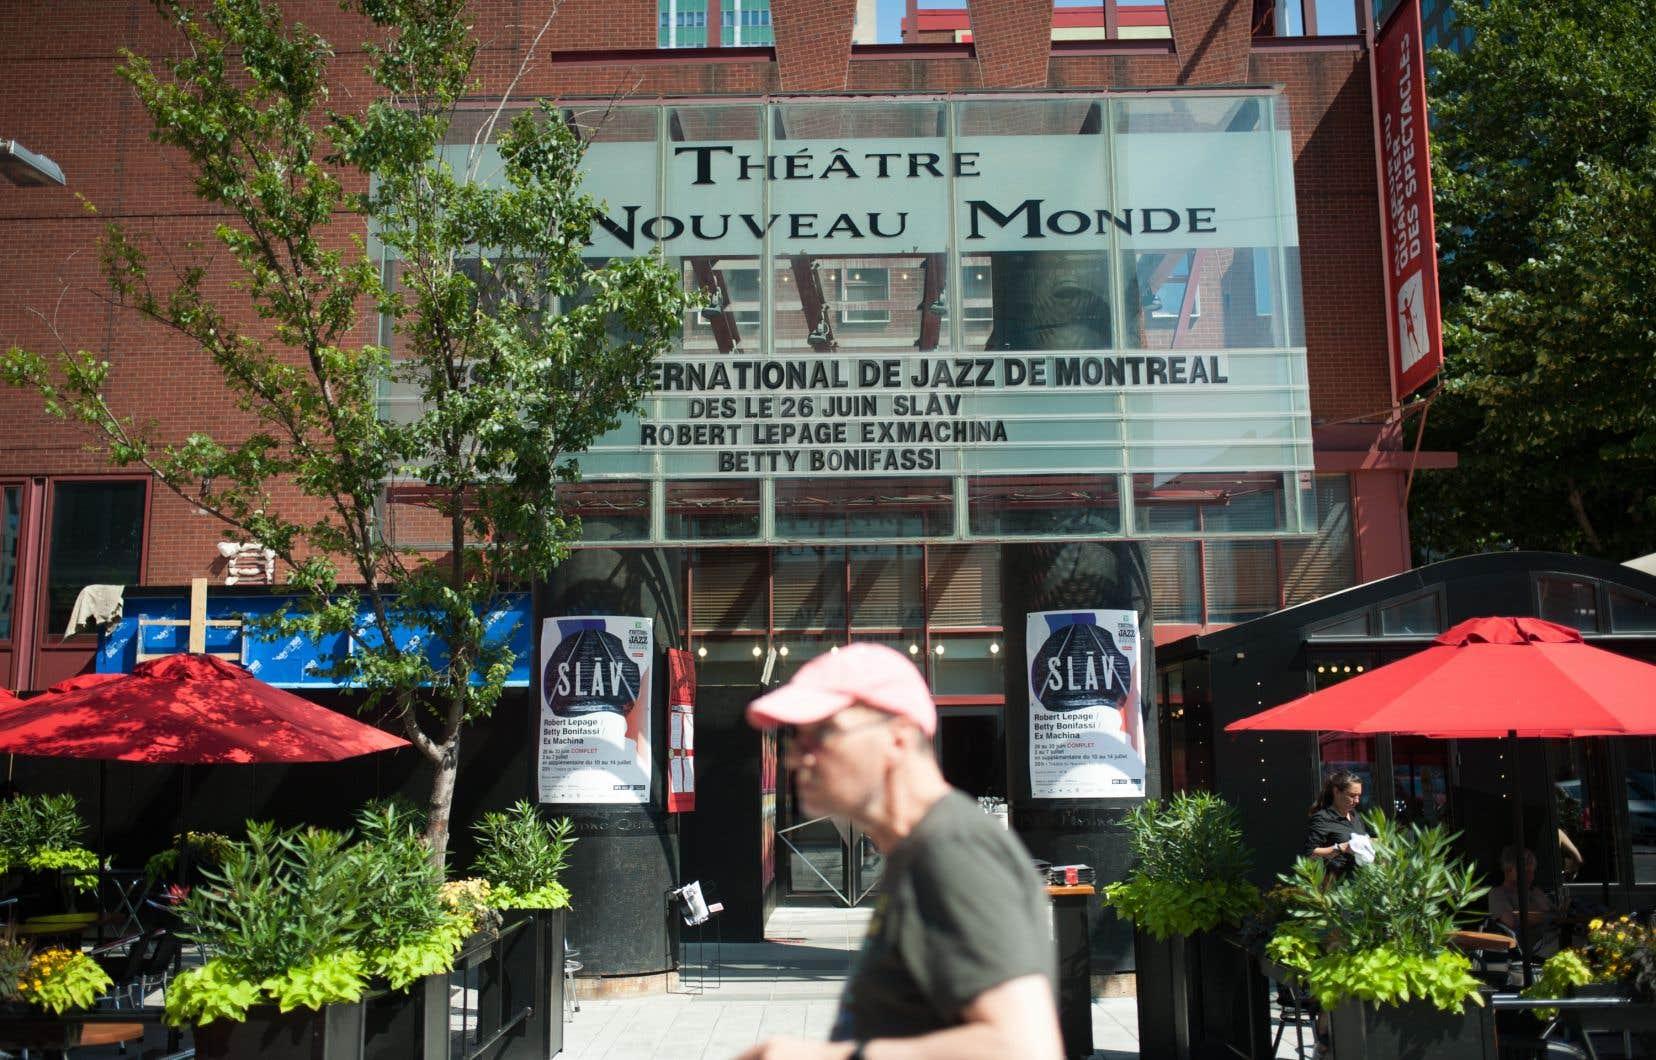 Le Festival international de jazz de Montréal a cédé à des protestataires qui estiment, au-delà de tous doutes, que Robert Lepage et Betty Bonifassi ont péché, se désole l'auteur.